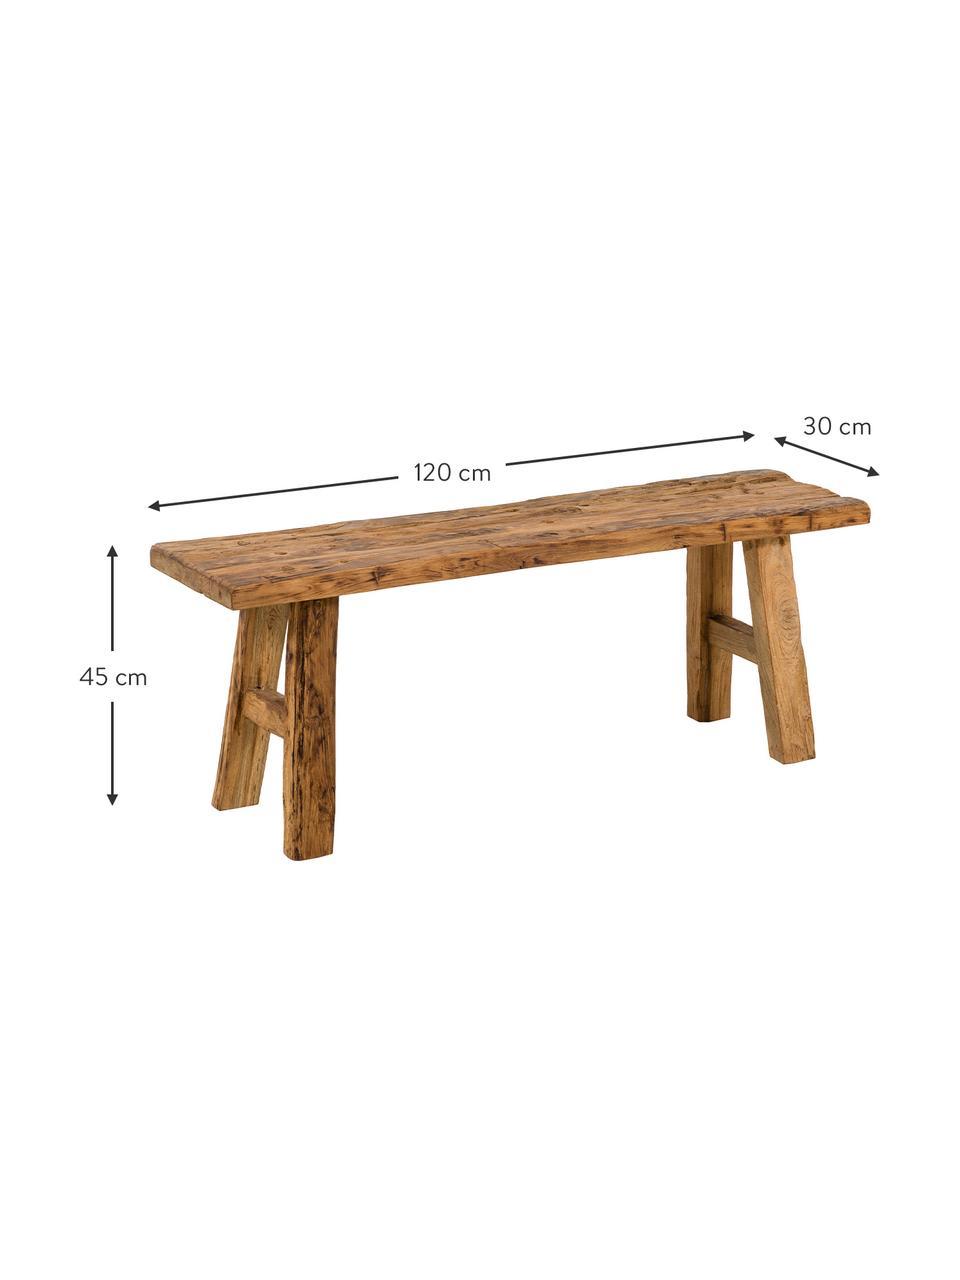 Panchina in legno di teak riciclato Decorative, Legno di teak, finitura naturale, Legno di teak, Larg. 120 x Alt. 45 cm